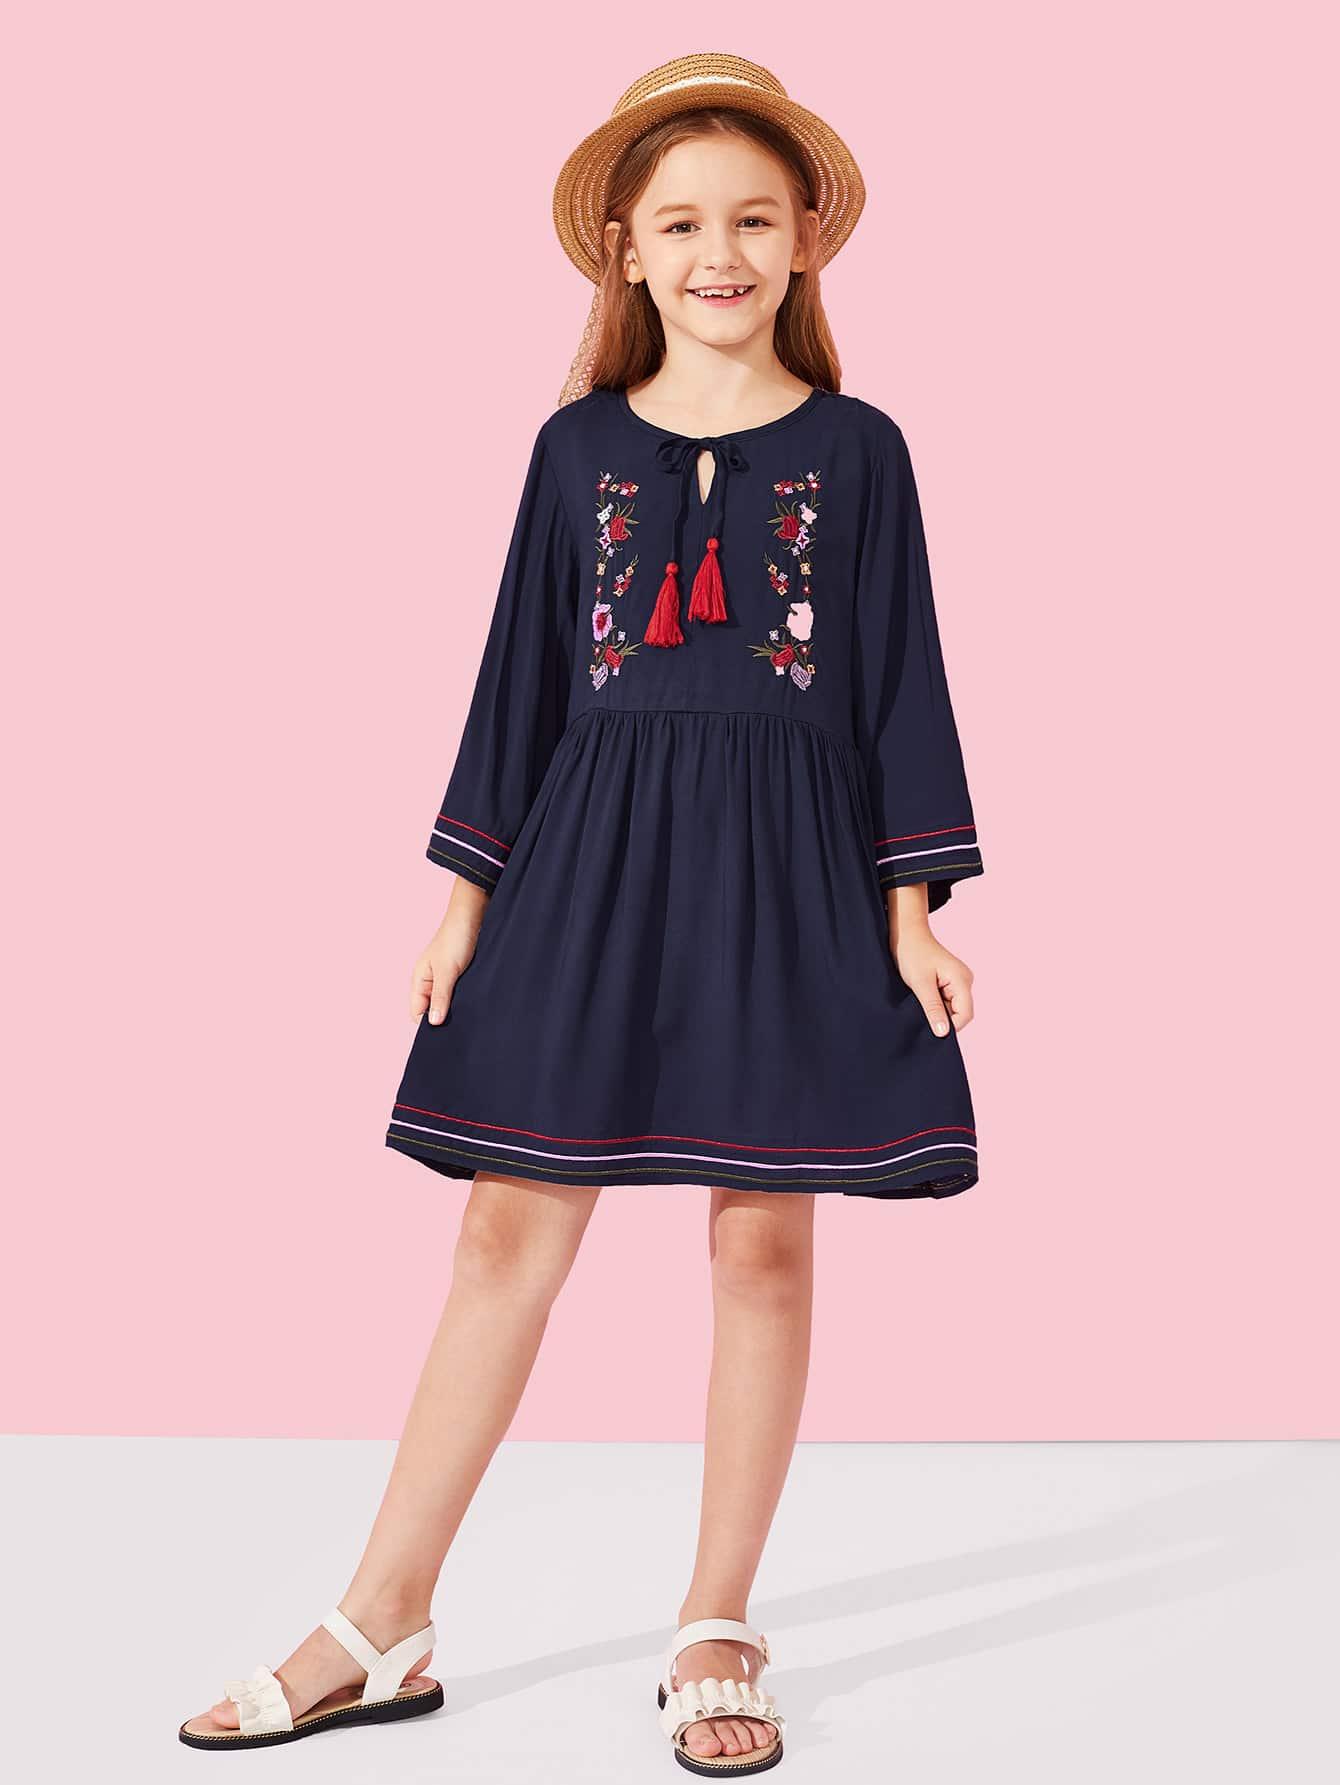 Купить Платье с вышивкой и воротник с бахромой для девочки, Sasa, SheIn